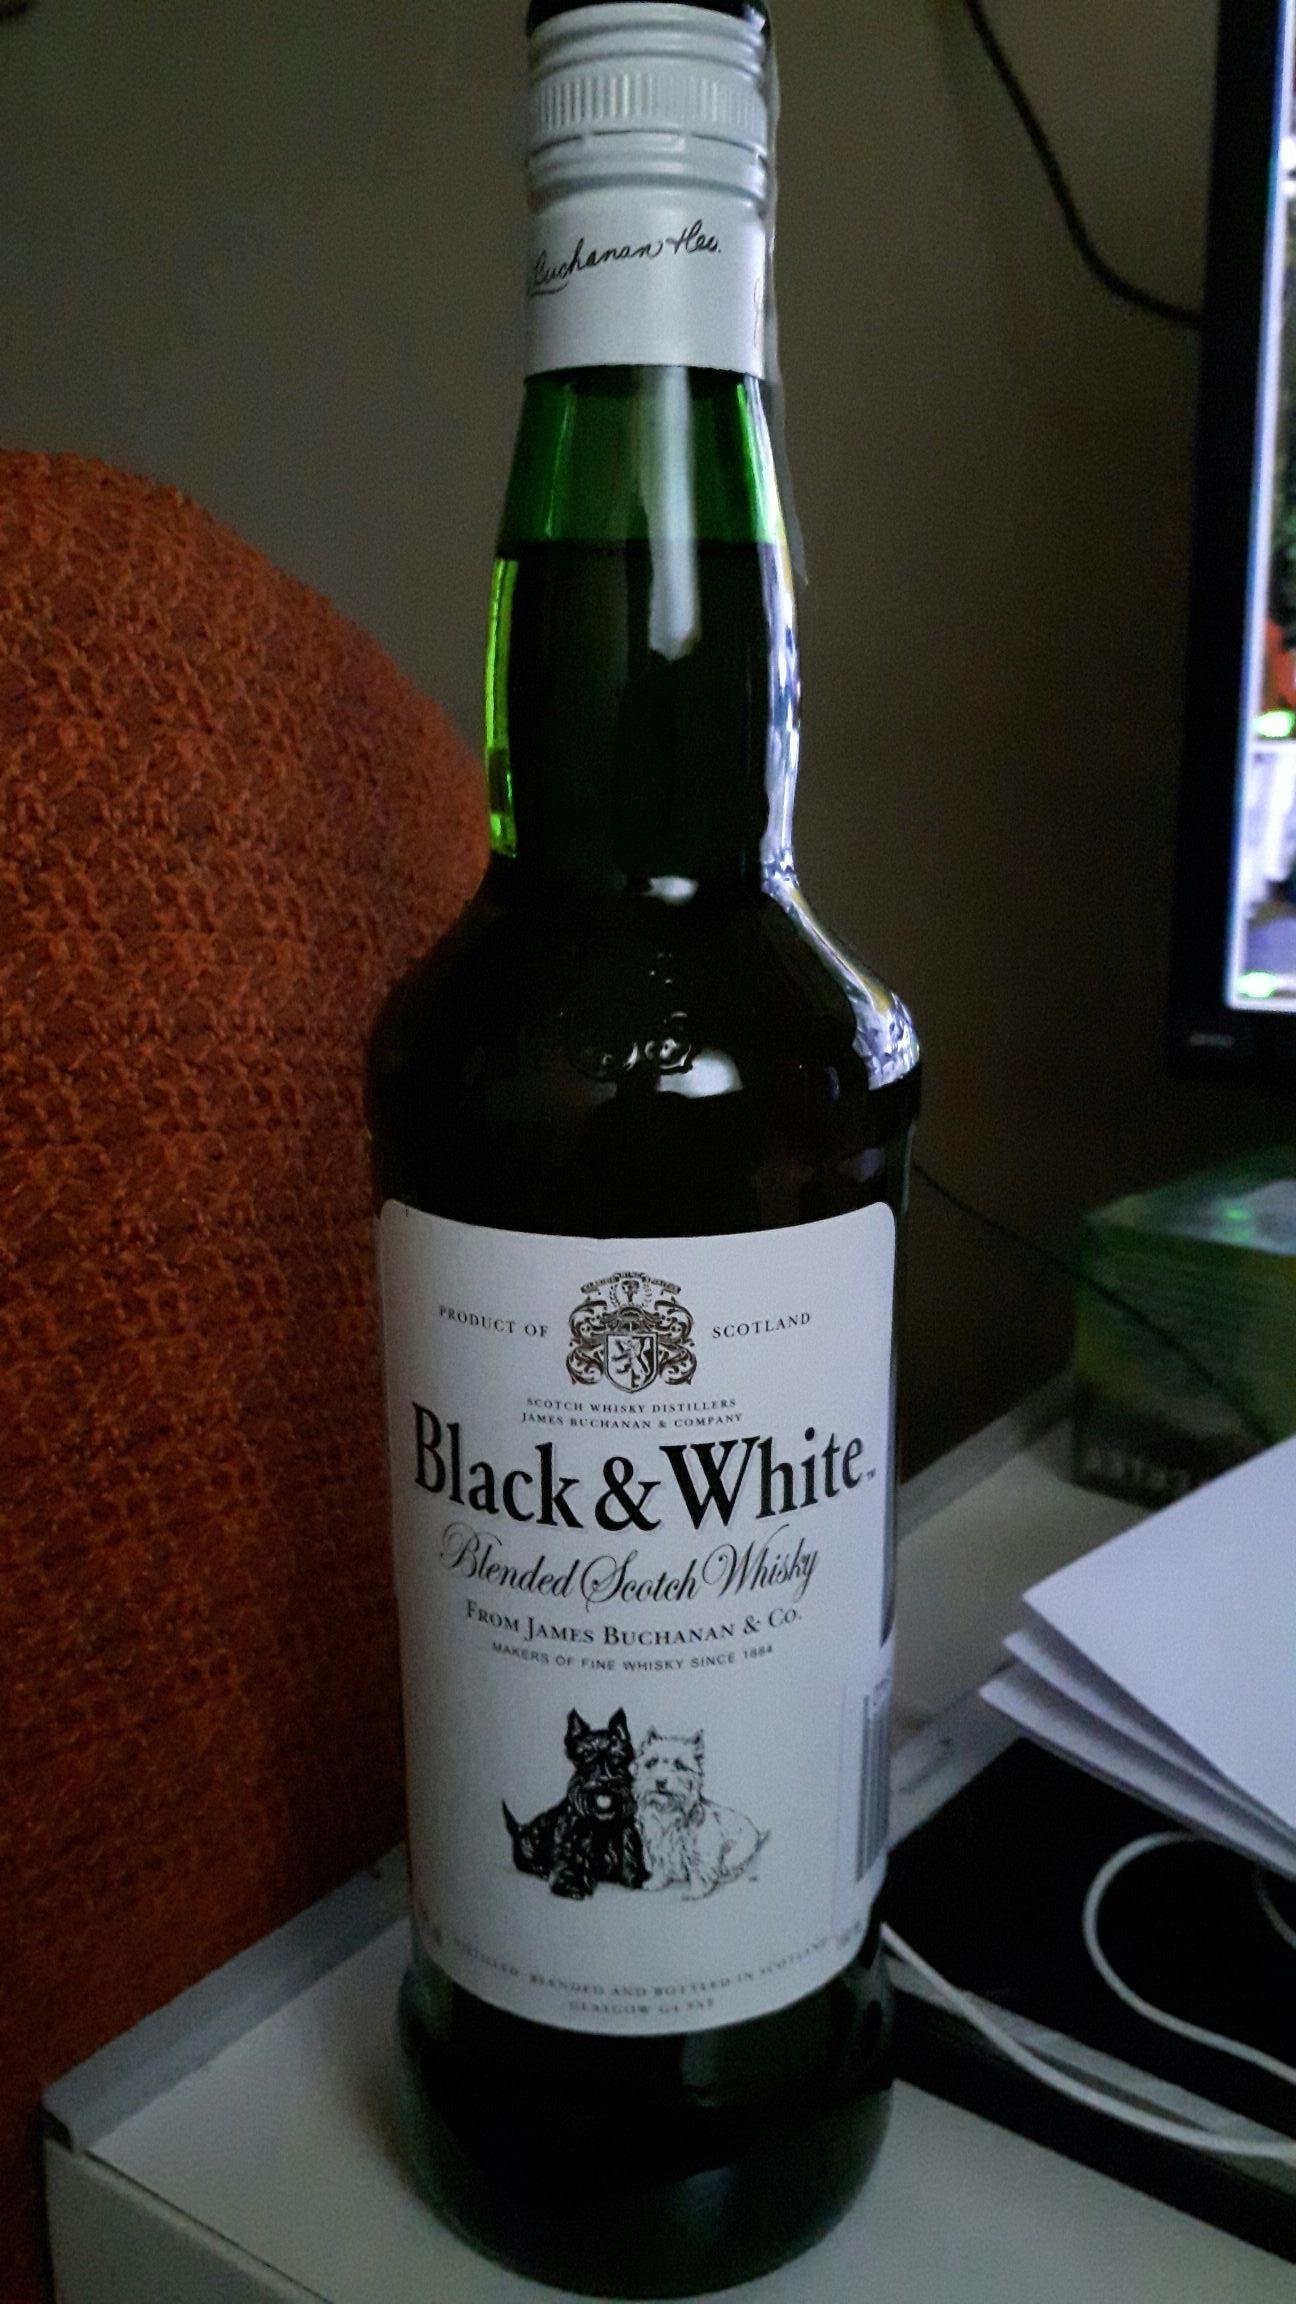 Whisky Black & White 0.7l błąd cenowy, Intermarche Gdańsk.